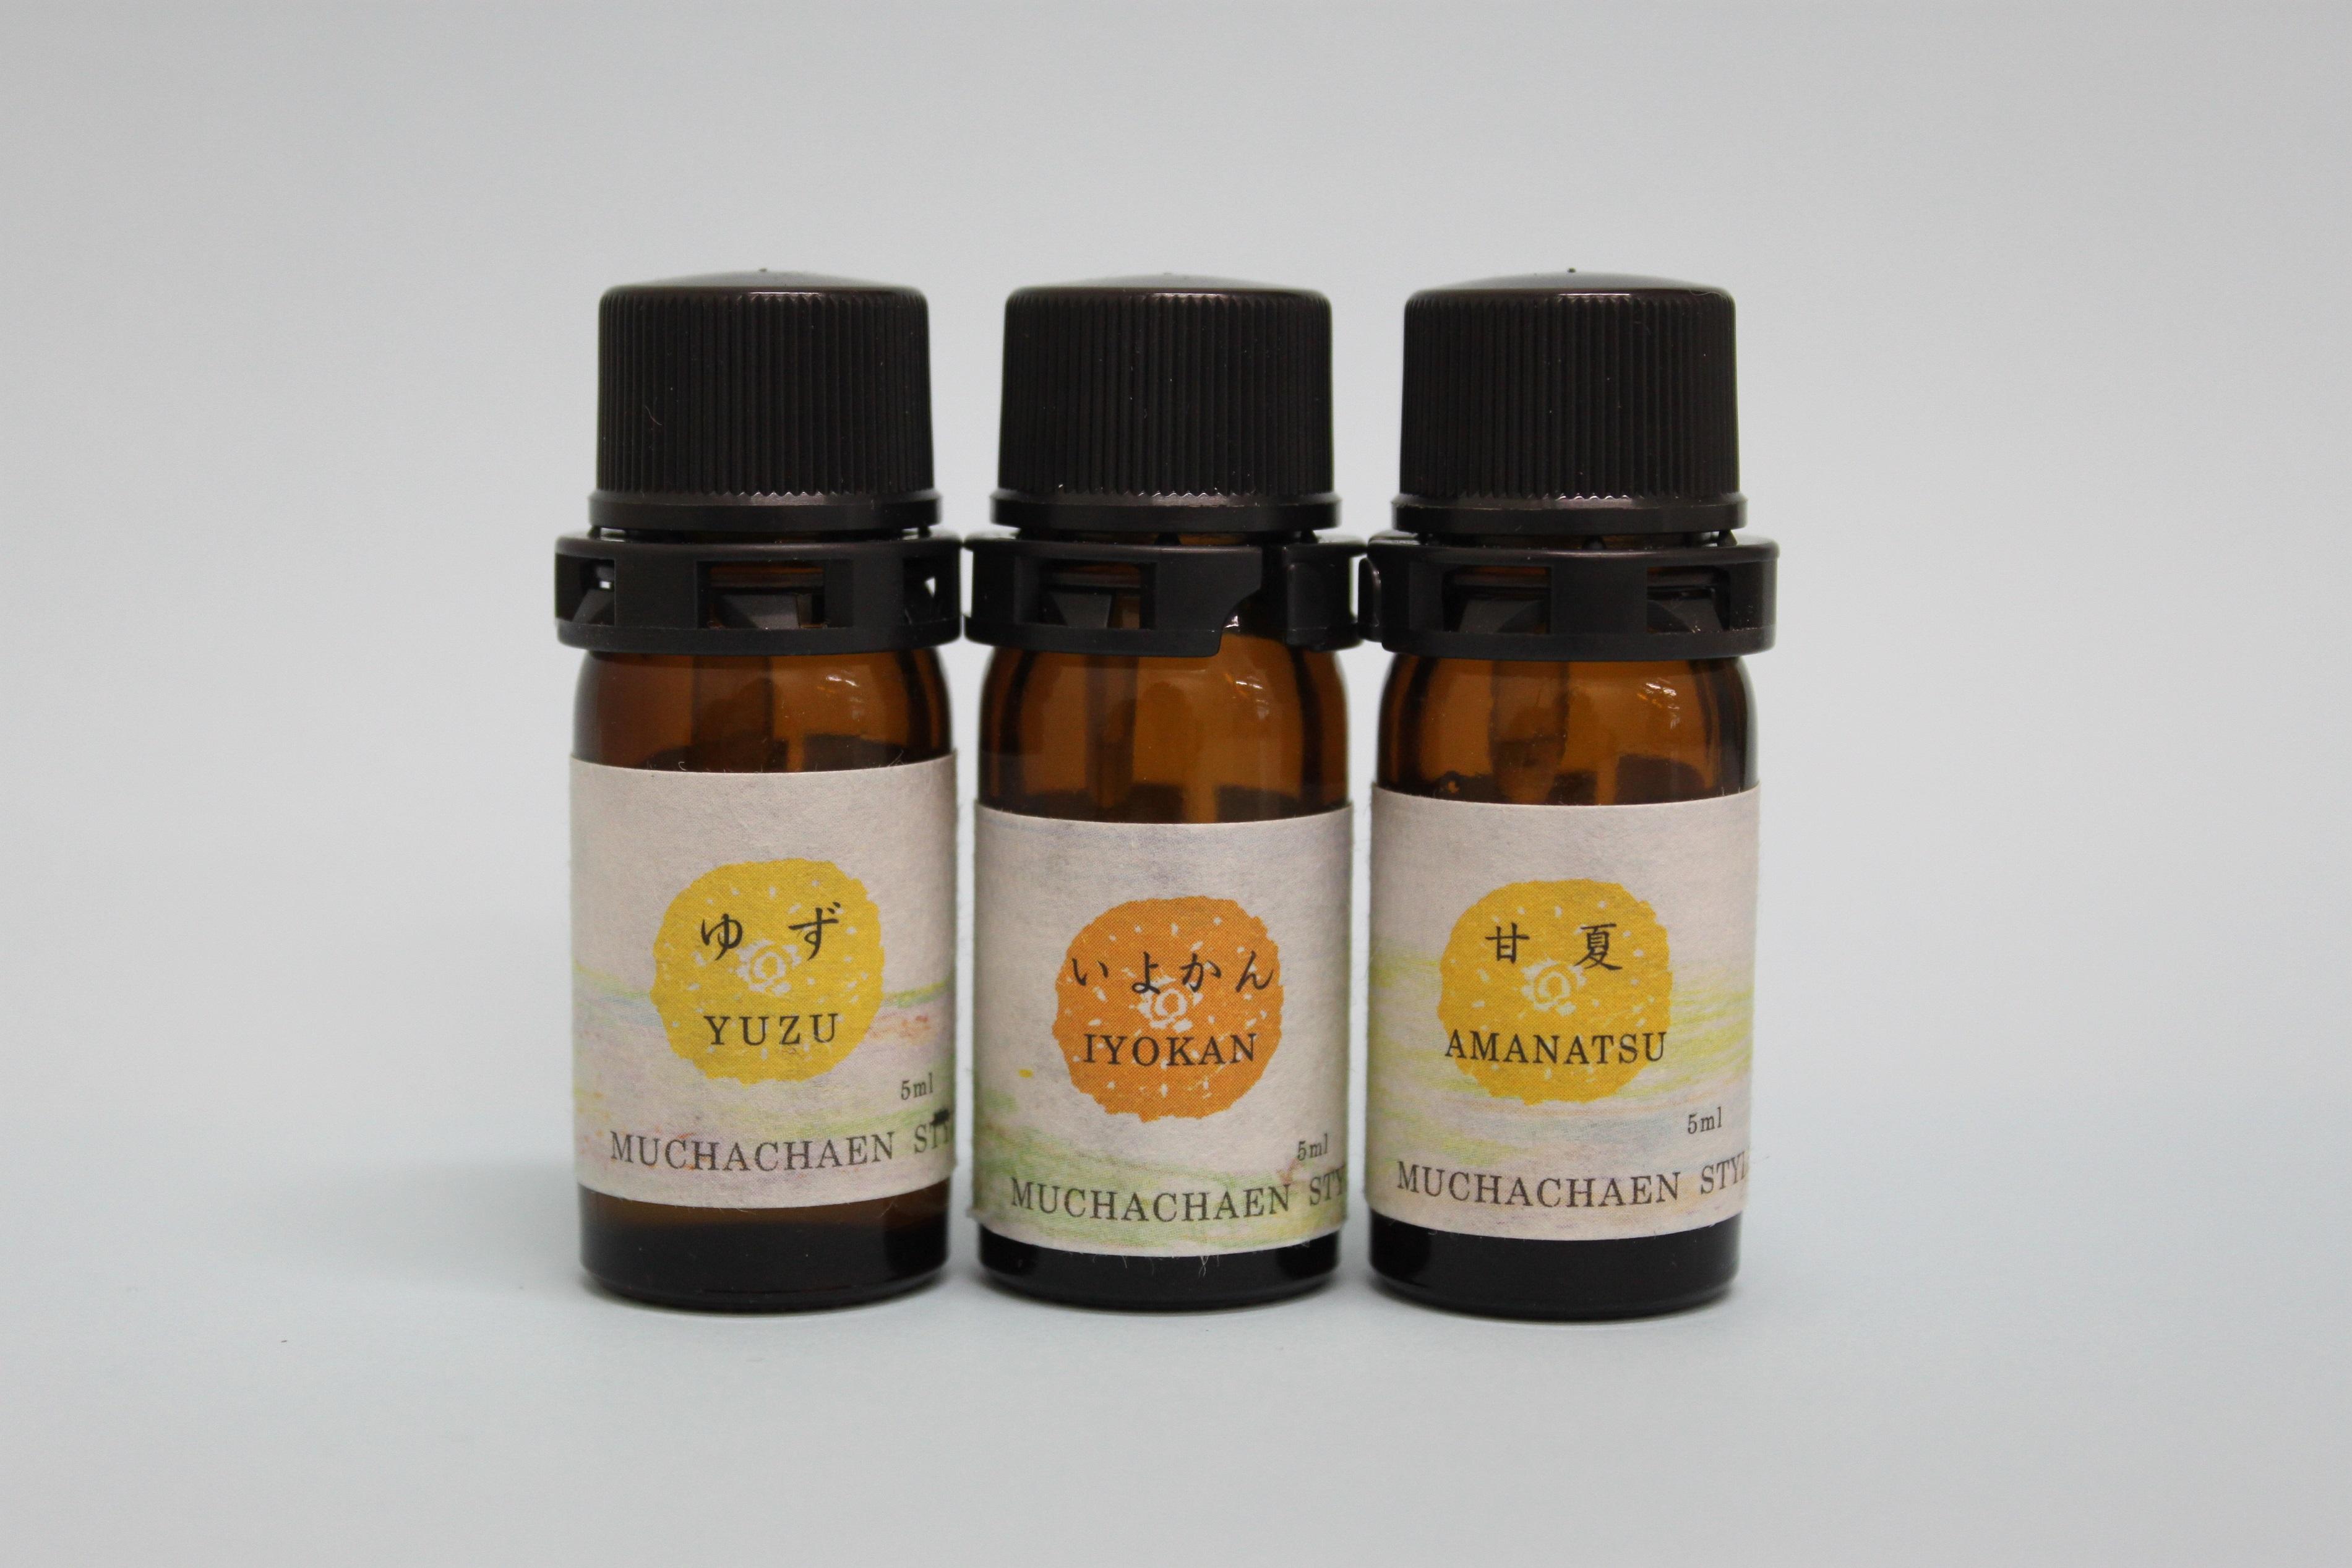 3種類のエッセンシャルオイル